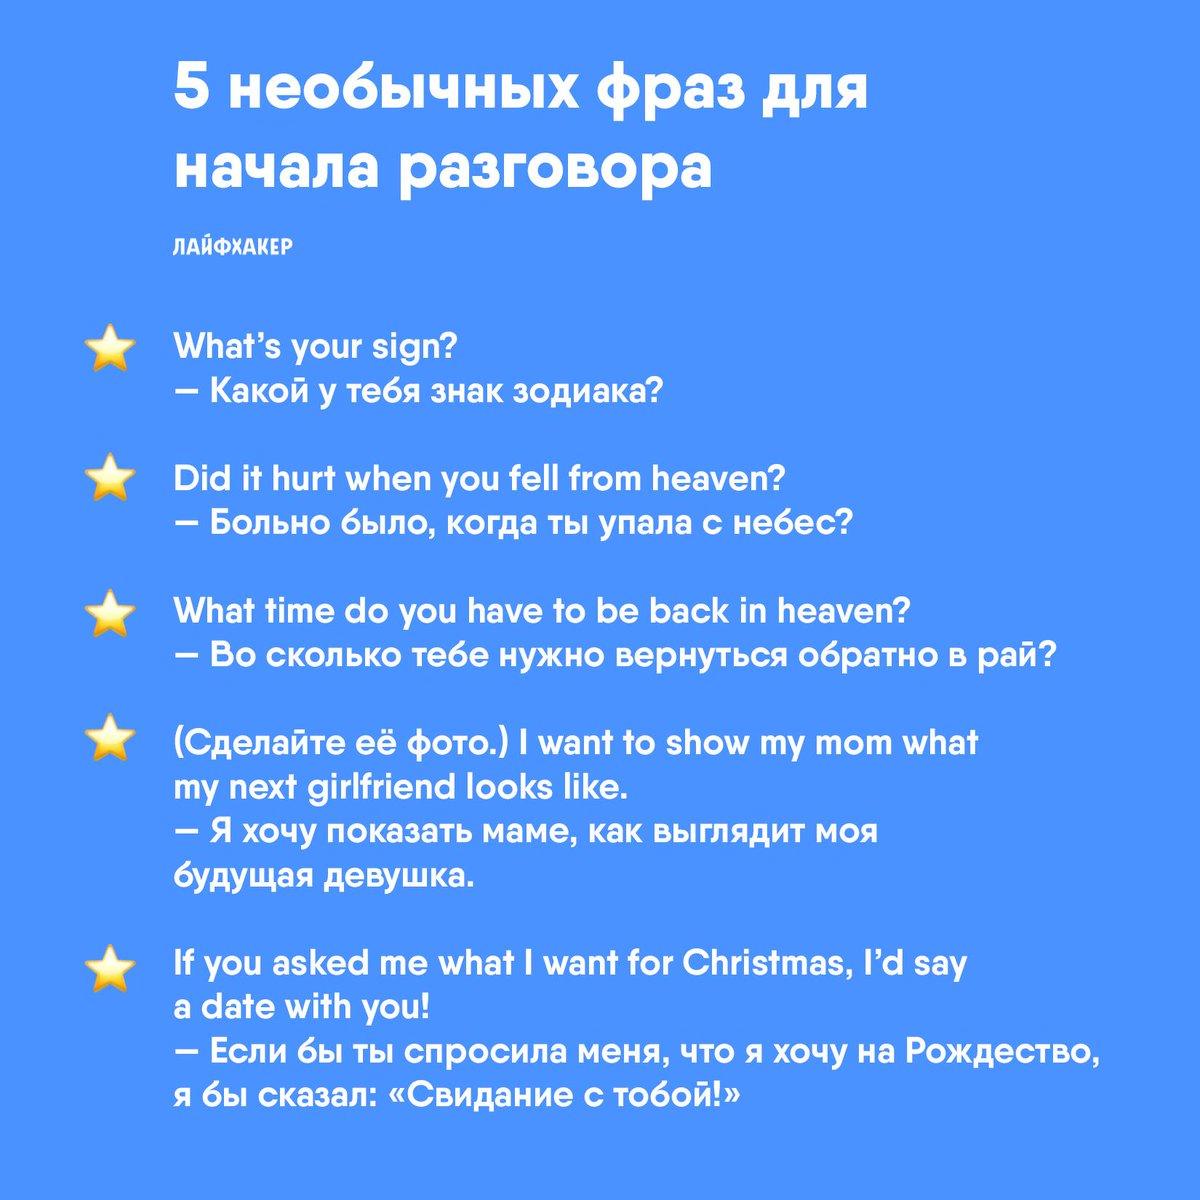 вопросы на английском языке при знакомстве